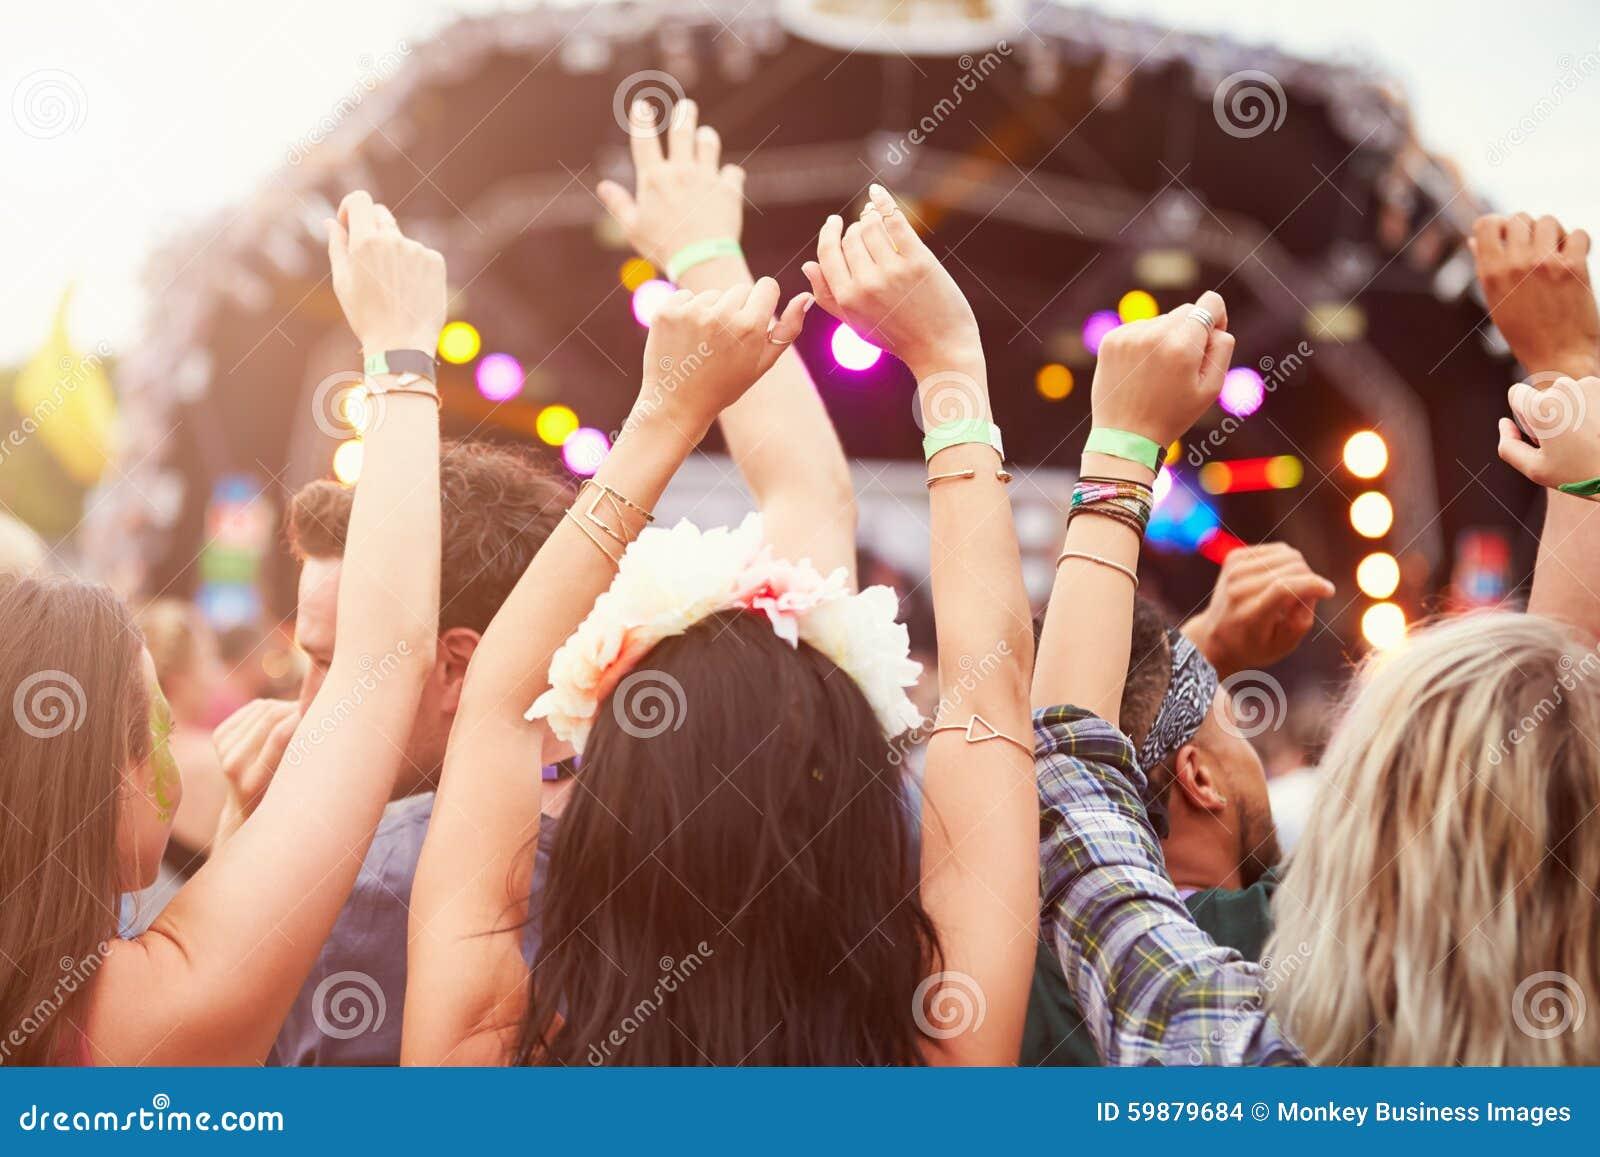 Audiência com mãos no ar em um festival de música